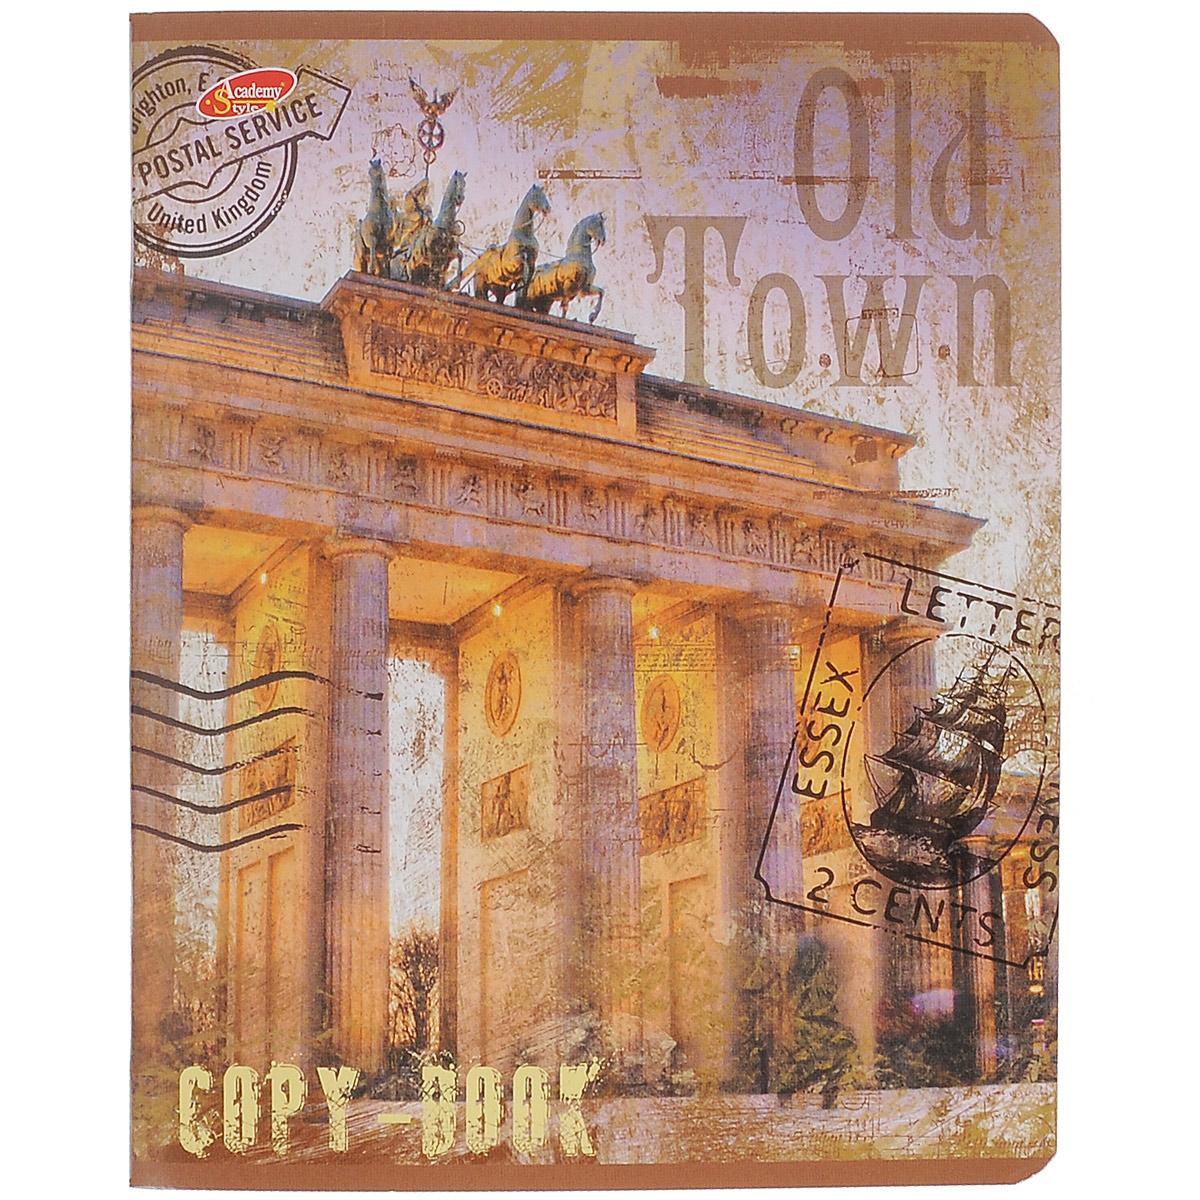 Тетрадь Old Town, 80 листов, формат А5, цвет: коричневый. Вид 172523WDТетрадь в клетку Old Town с красочным изображением на обложке подойдет как студенту, так и школьнику. Обложка тетради с закругленными углами выполнена из картона. Внутренний блок состоит из 80 листов белой бумаги. Стандартная линовка в клетку дополнена полями, совпадающими с лицевой и оборотной стороны листа.